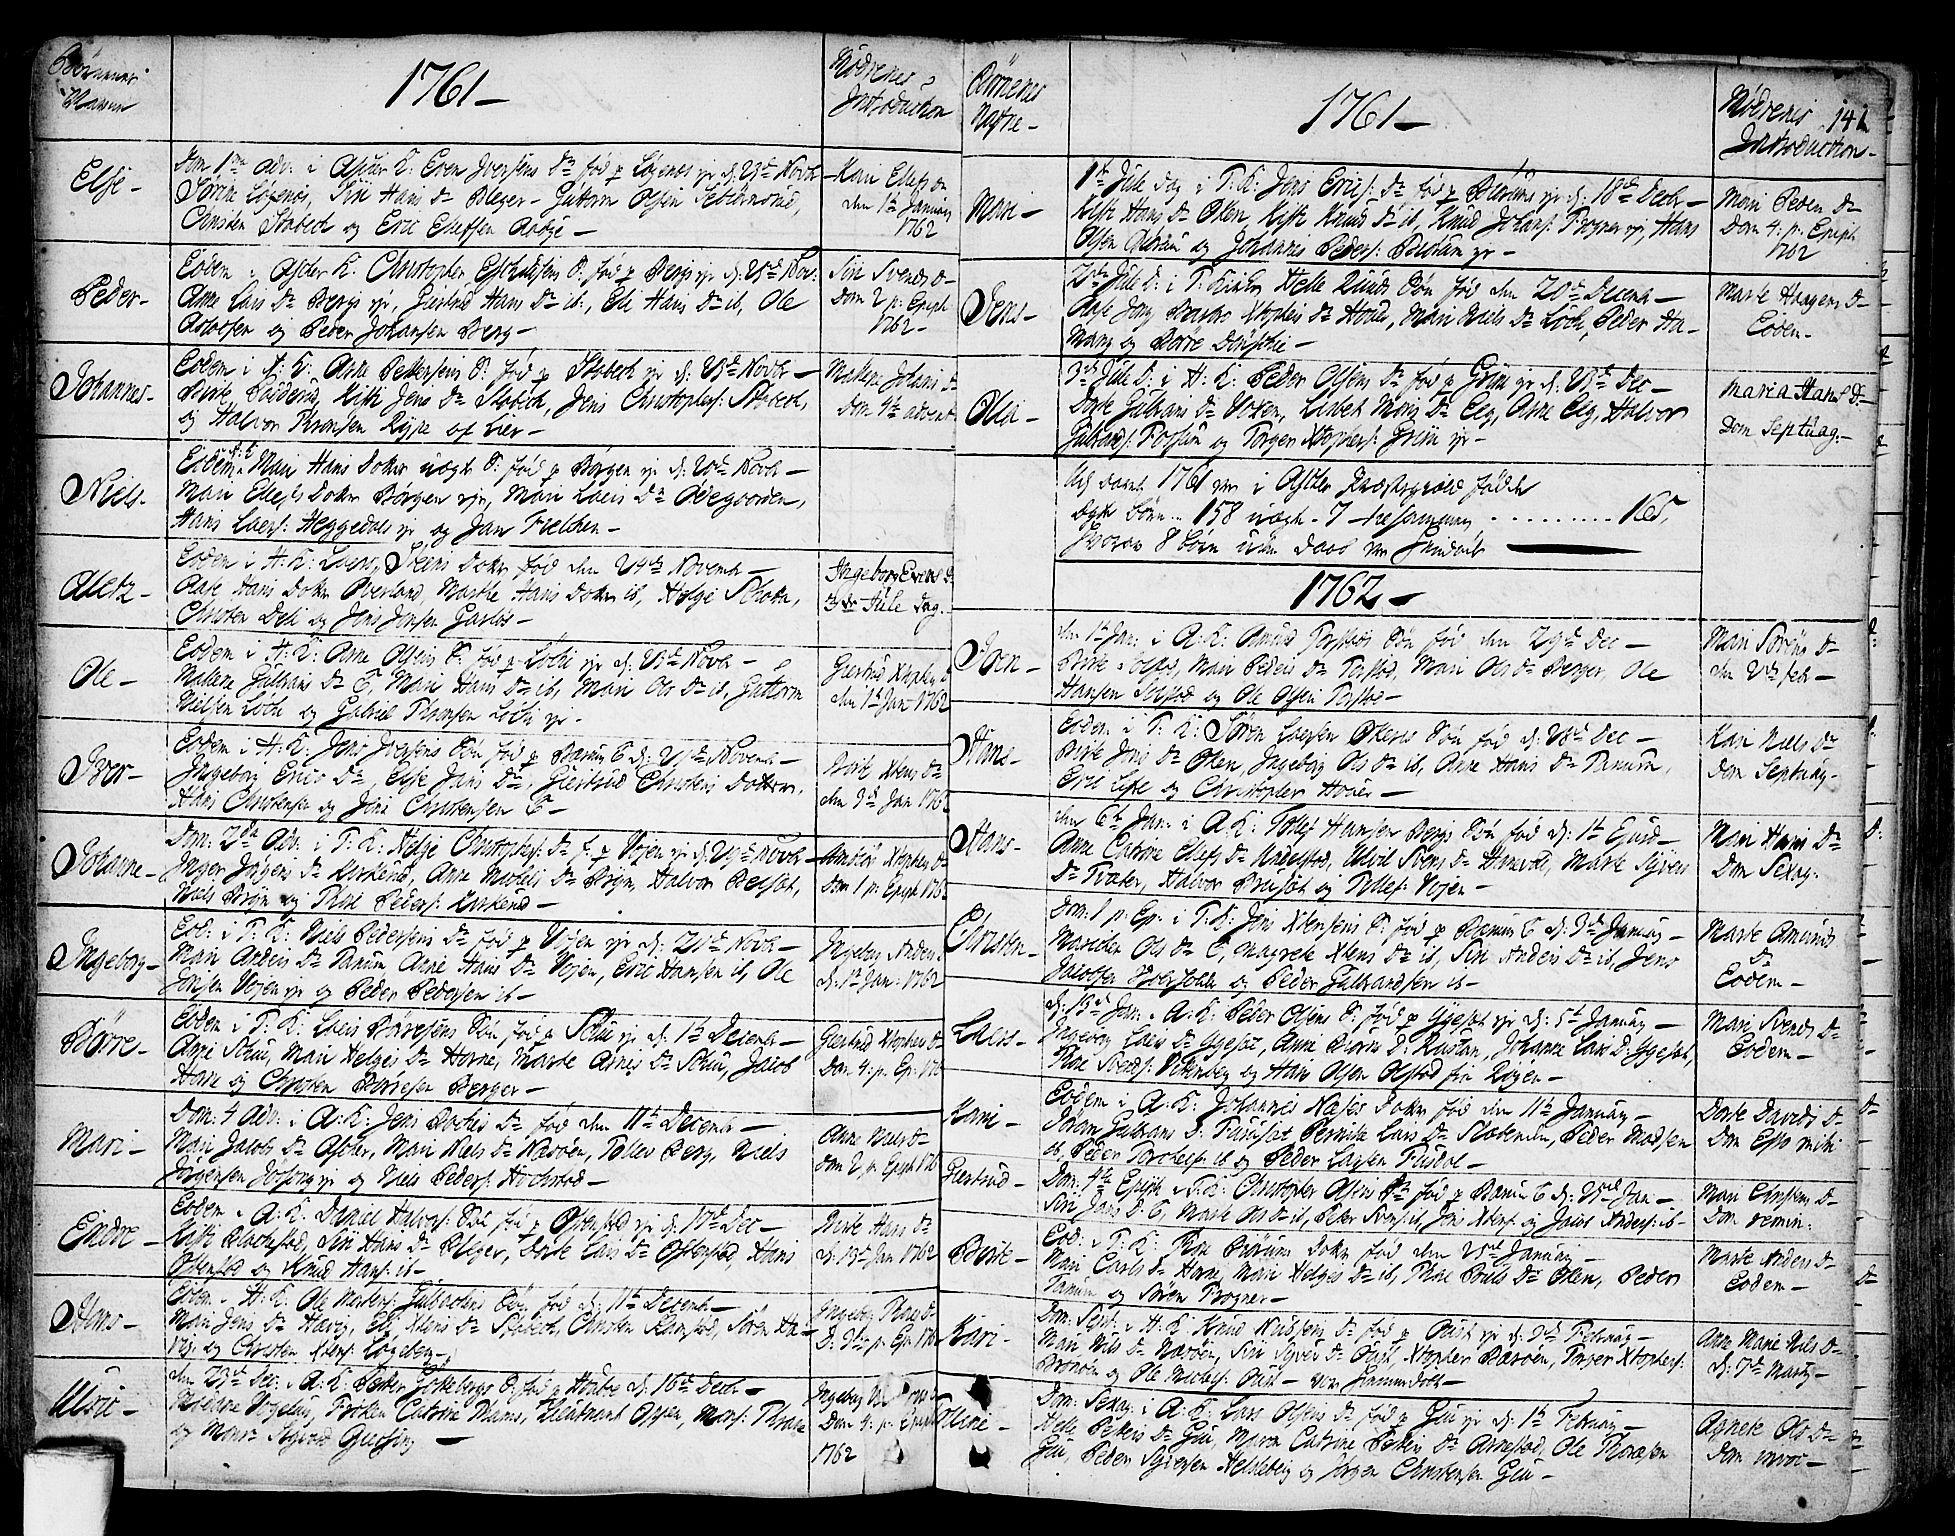 SAO, Asker prestekontor Kirkebøker, F/Fa/L0002: Ministerialbok nr. I 2, 1733-1766, s. 141